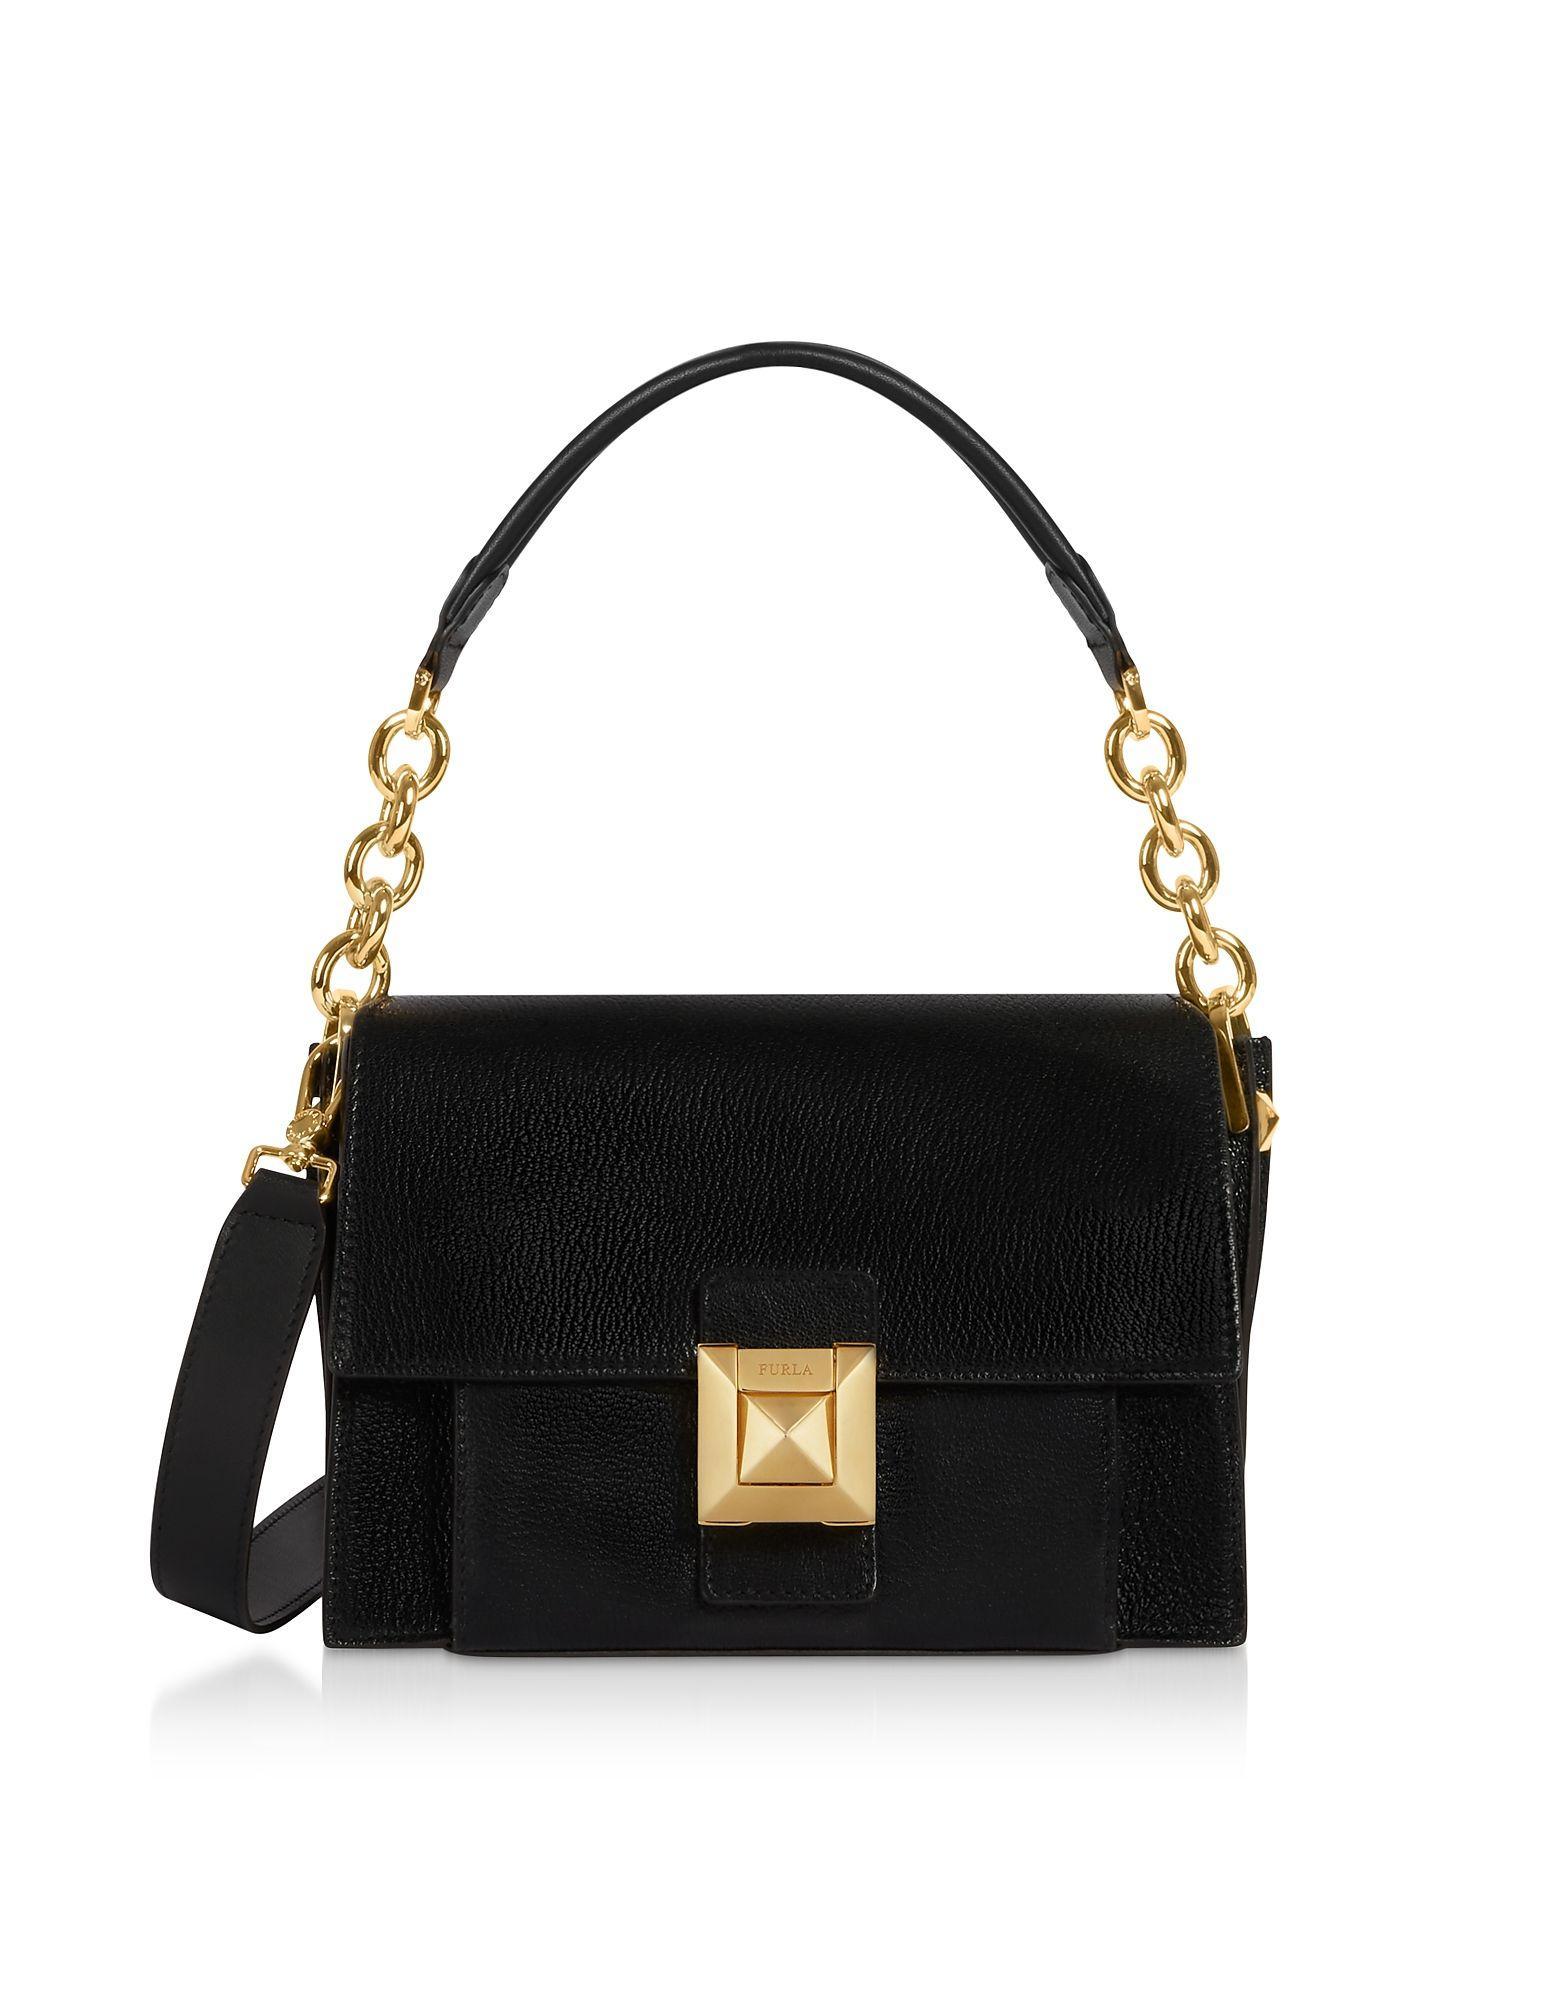 1d1825c78c456 Furla Black Leather Shoulder Bag in Black - Save 23% - Lyst